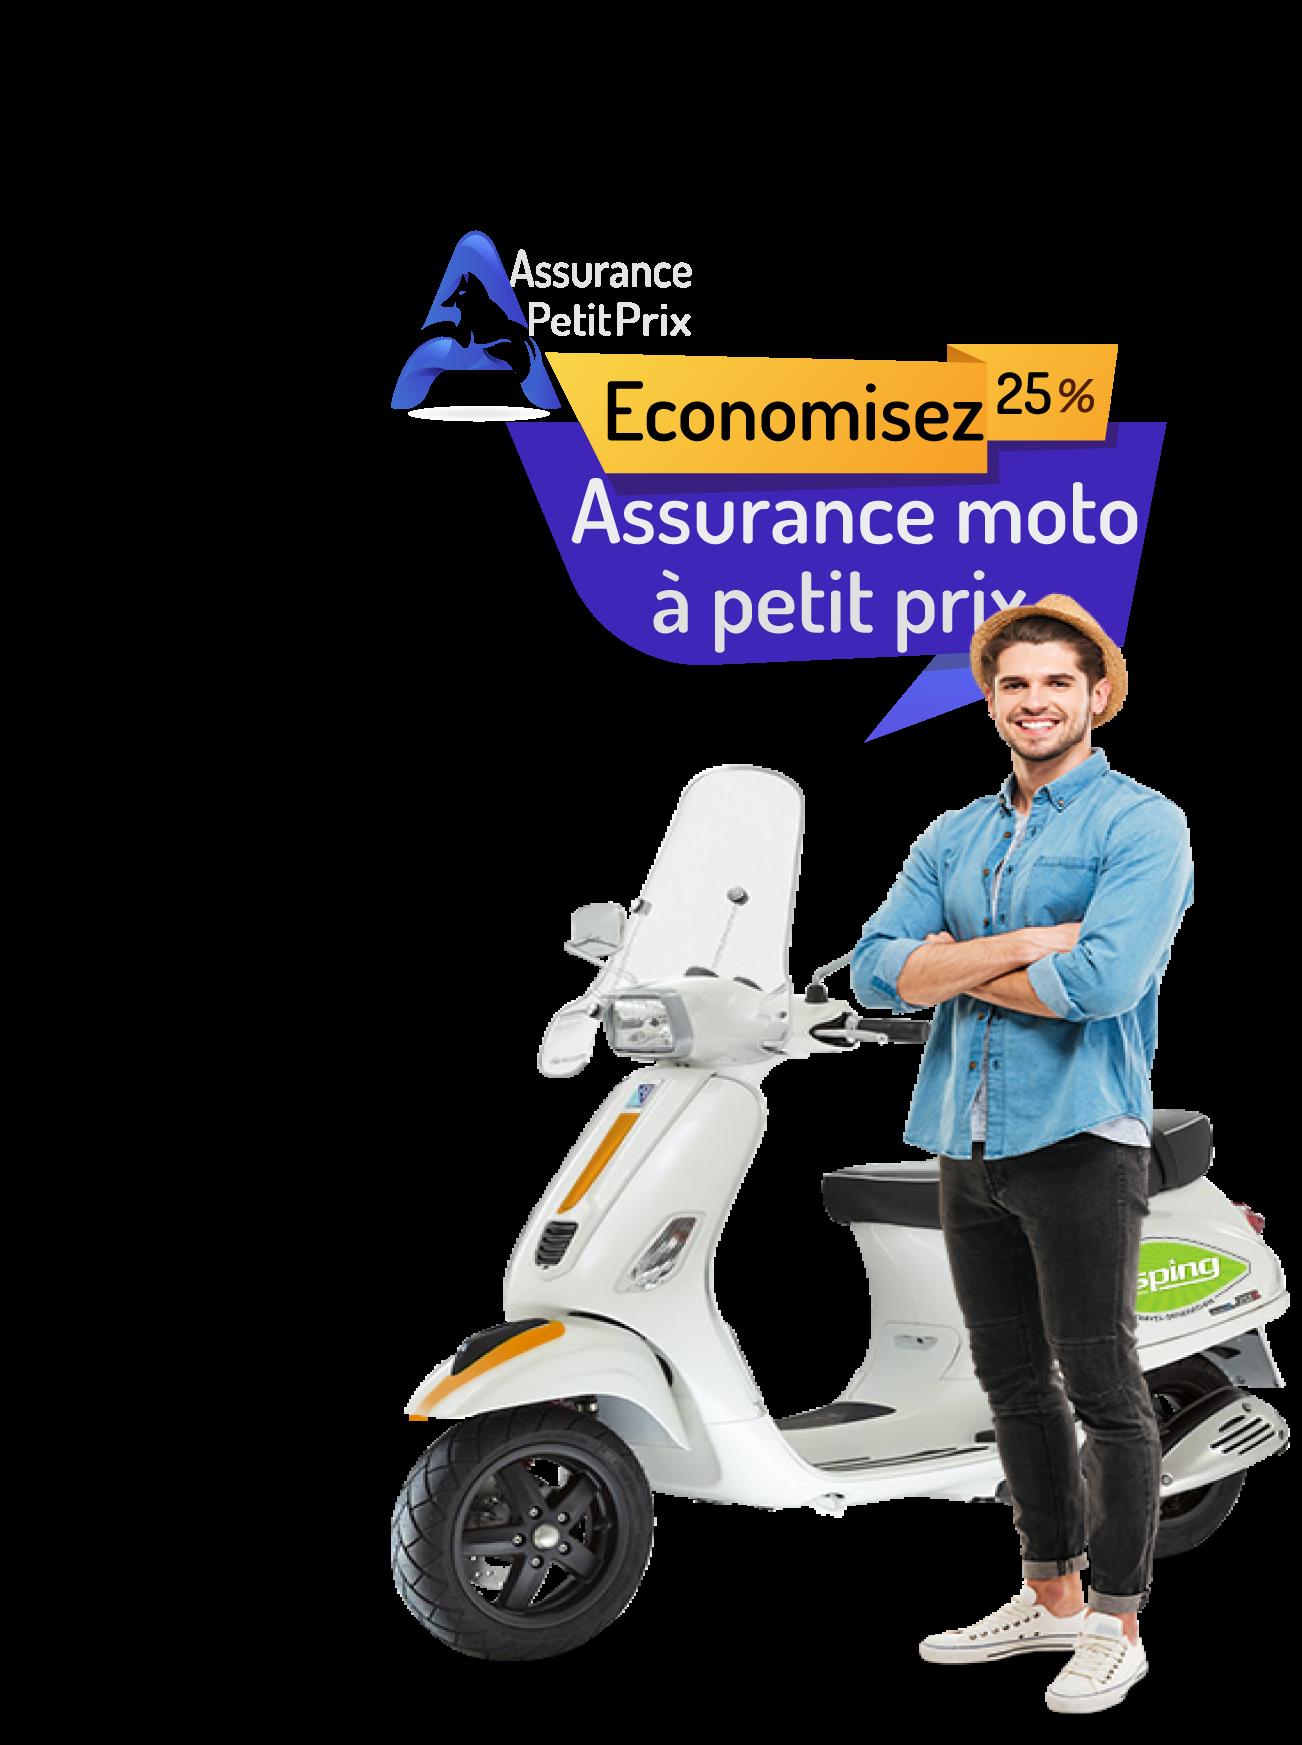 assurance scooter 50cc à petit prix